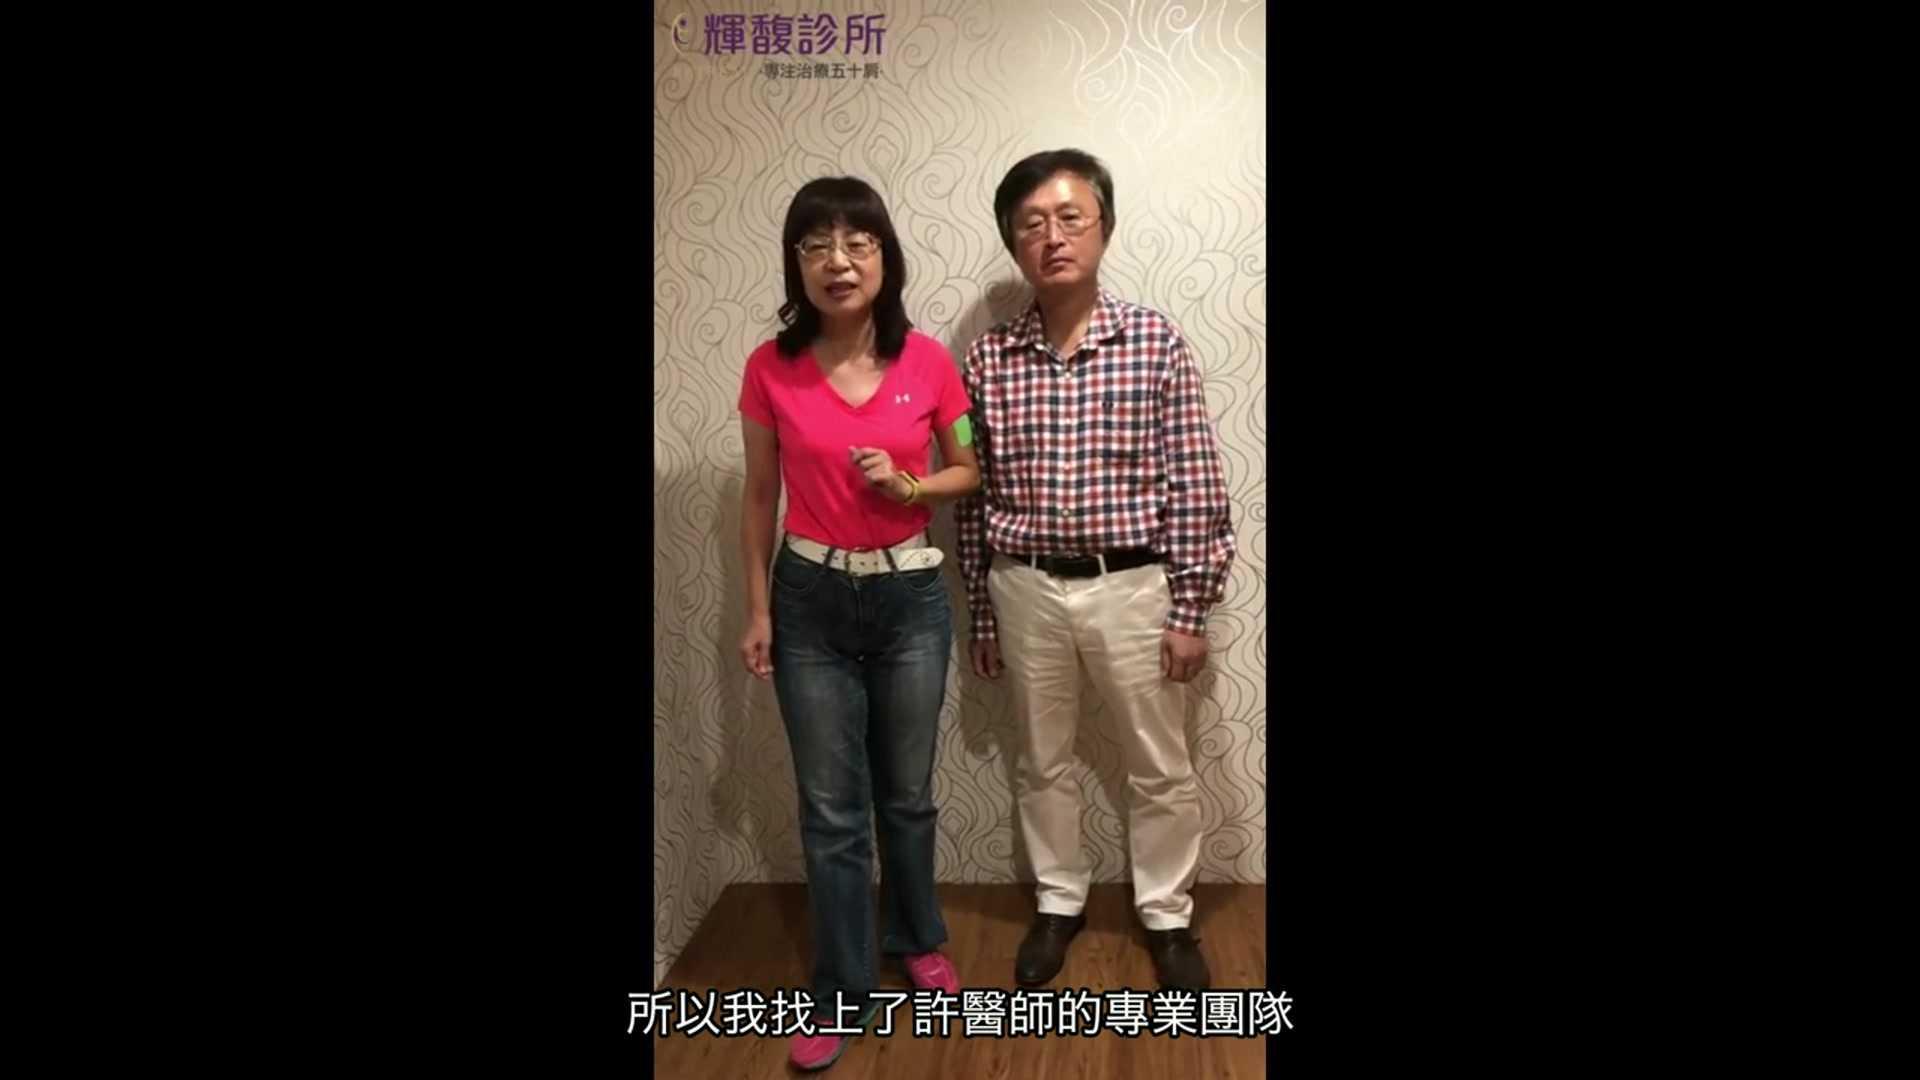 13台中 陳小姐 人生充滿想不到,還好有早知道